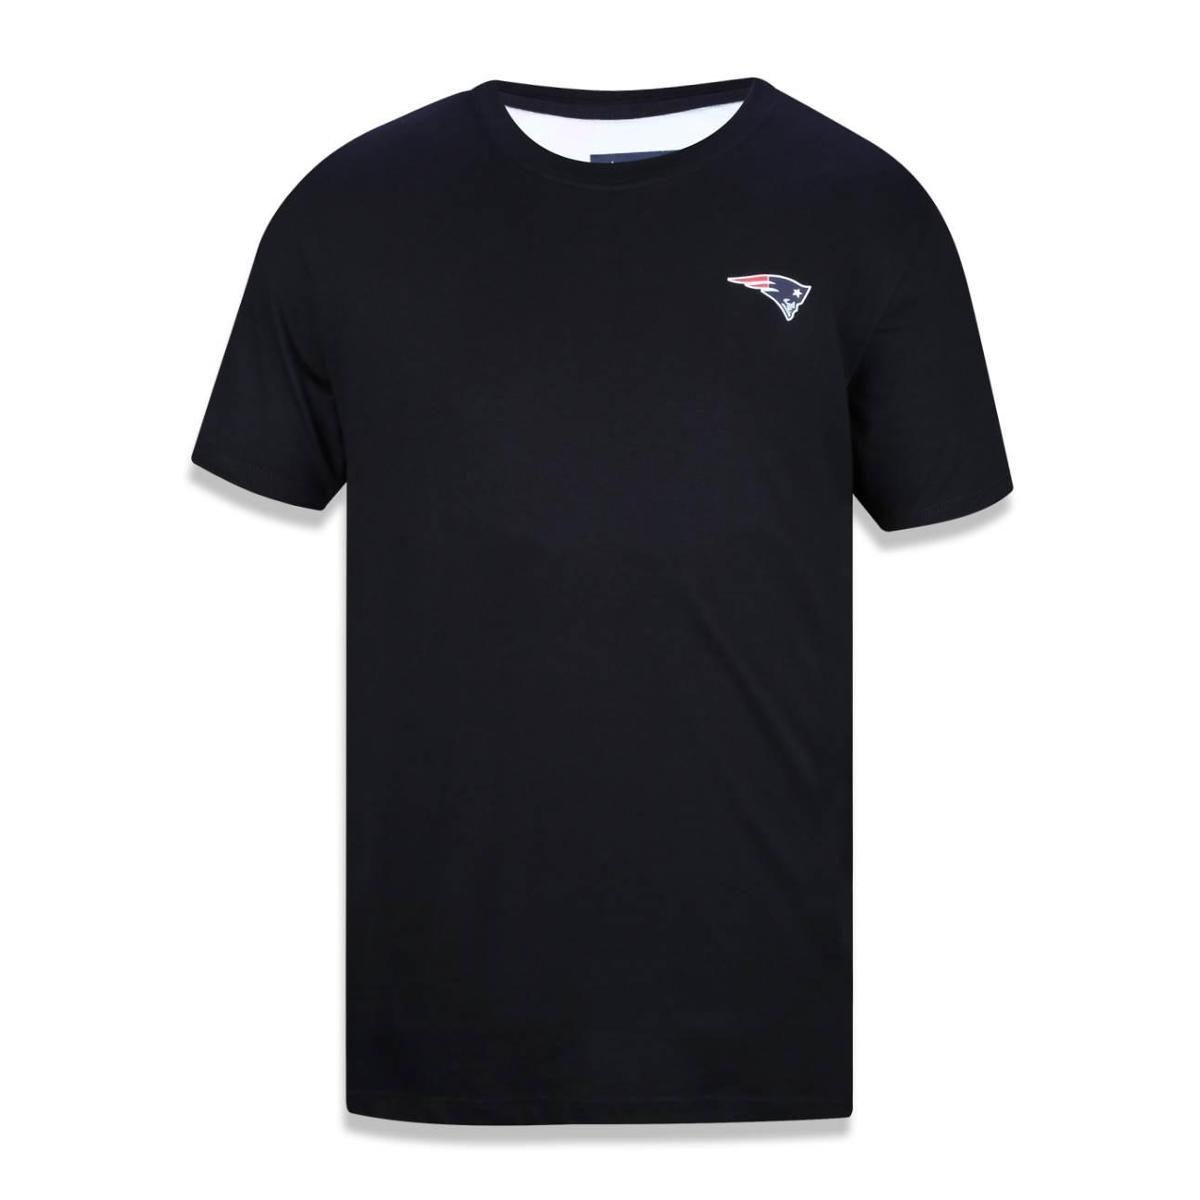 1ce0d6ab8 Camiseta New England Patriots NFL New Era Masculina - Compre Agora ...